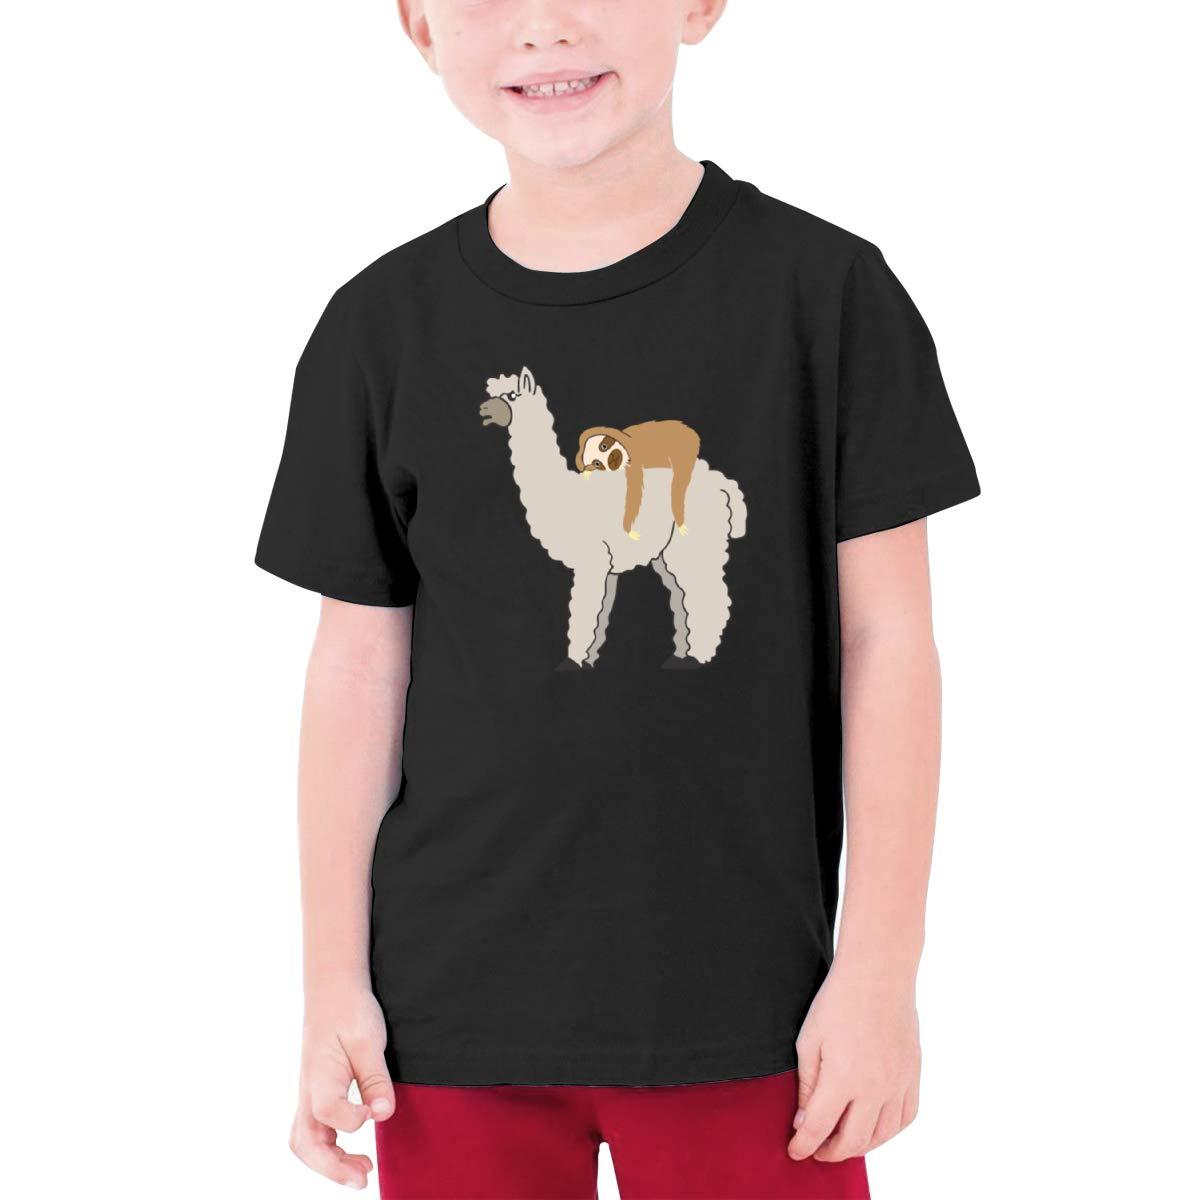 Fzjy Wnx Funny Sleepy Sloth /& Llama Boy Short-Sleeved T-Shirt